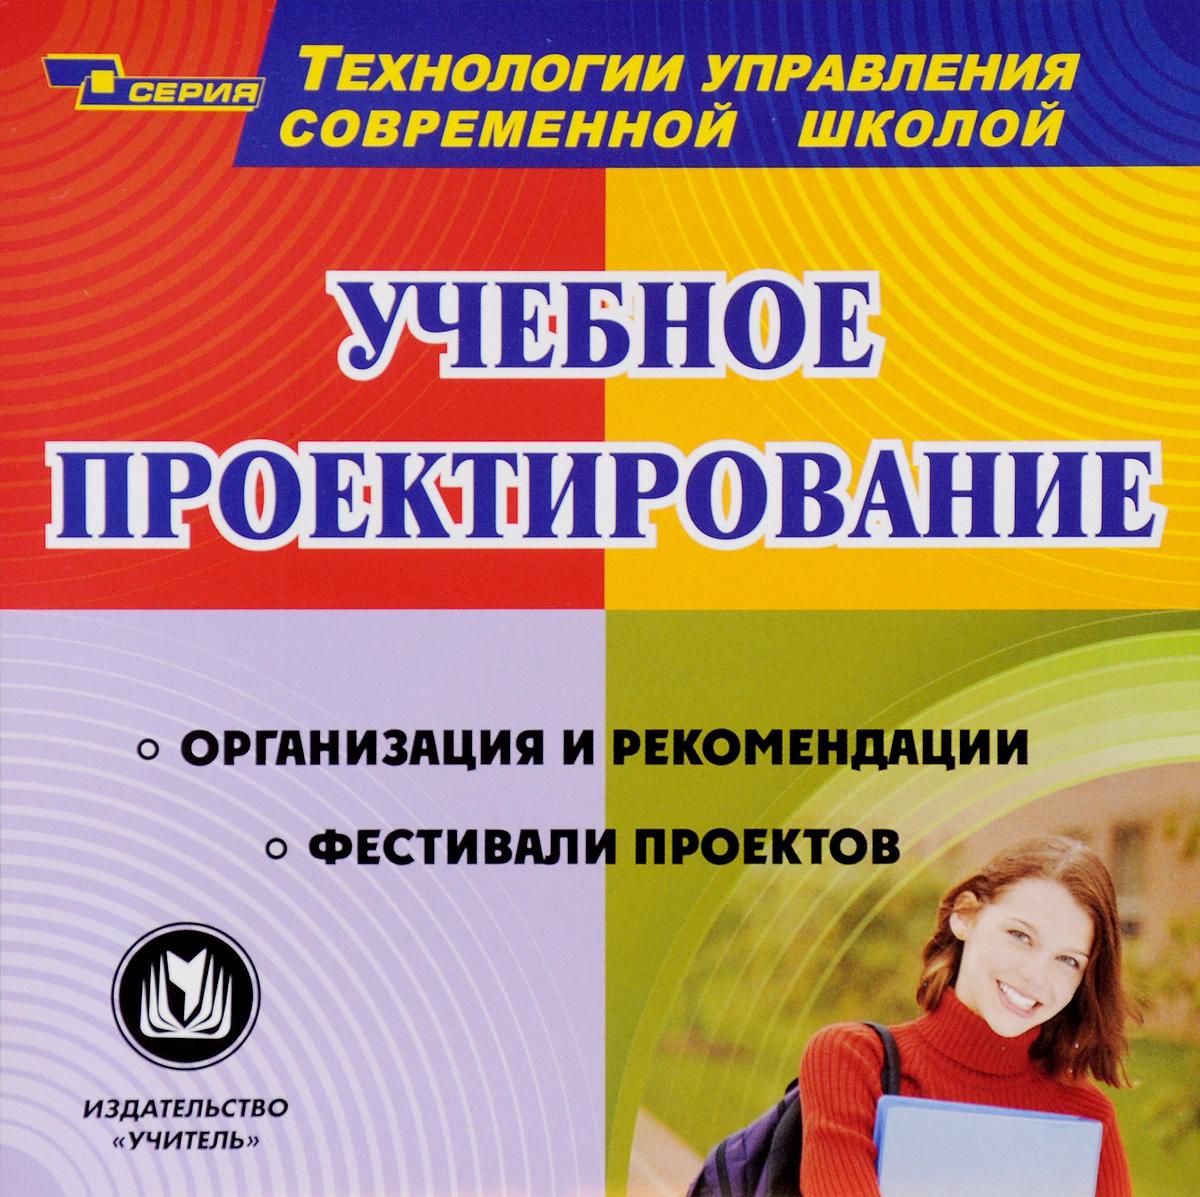 Учебное проектирование. Организация и рекомендации. Фестивали проектов